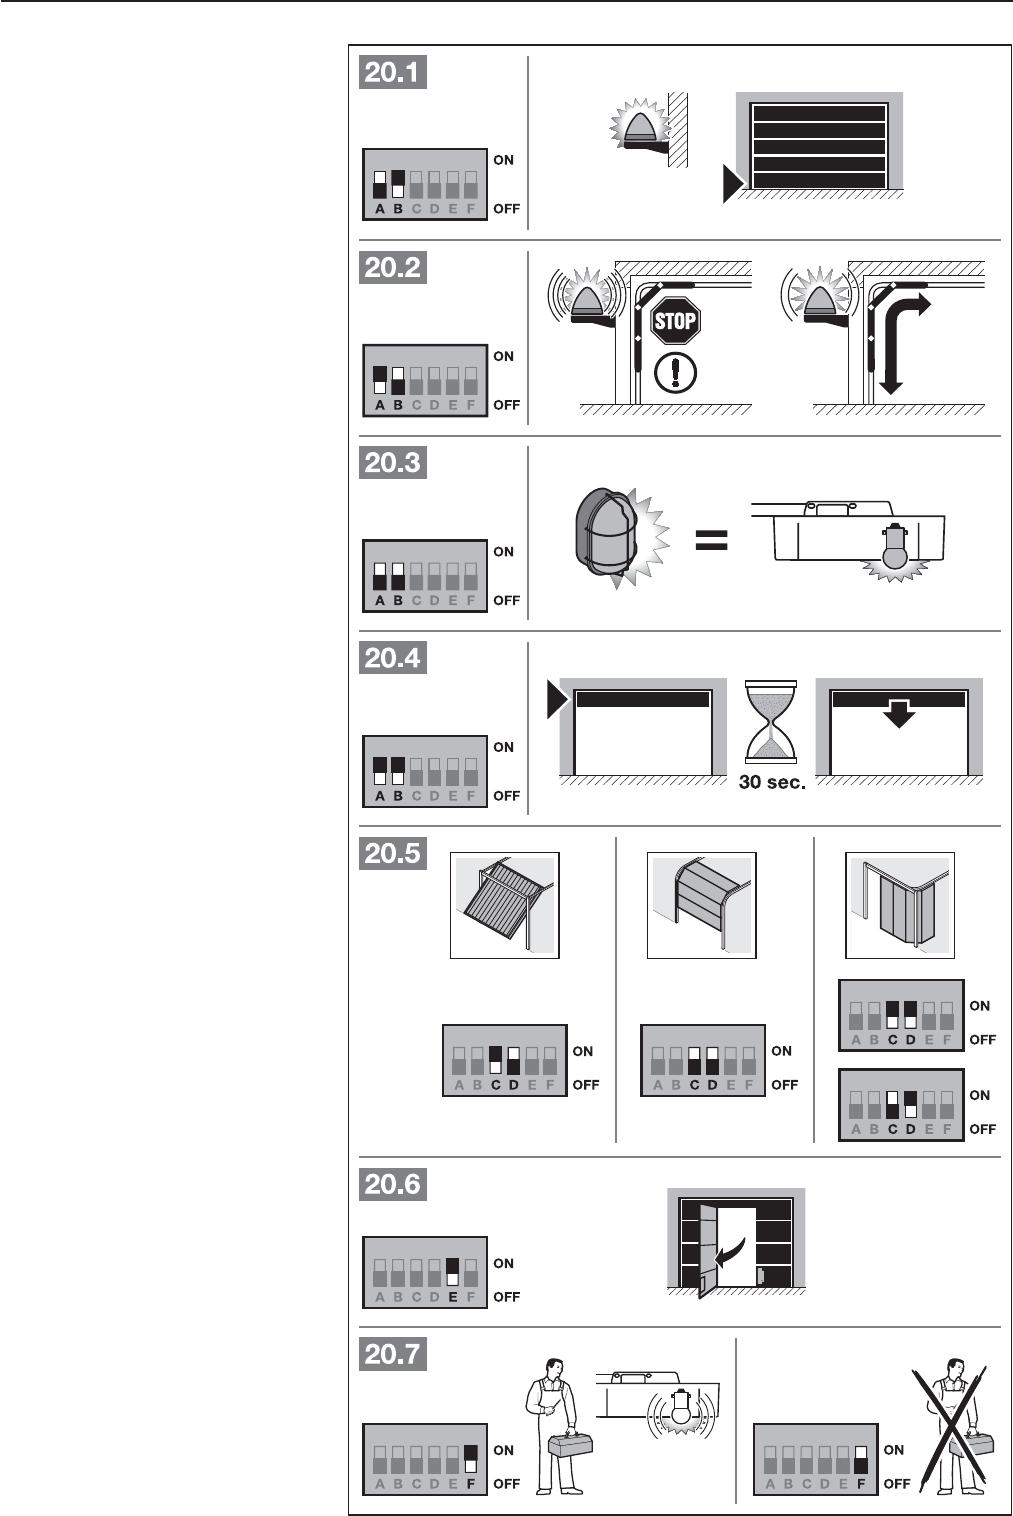 bedienungsanleitung hormann promatic 3 seite 29 von 124. Black Bedroom Furniture Sets. Home Design Ideas